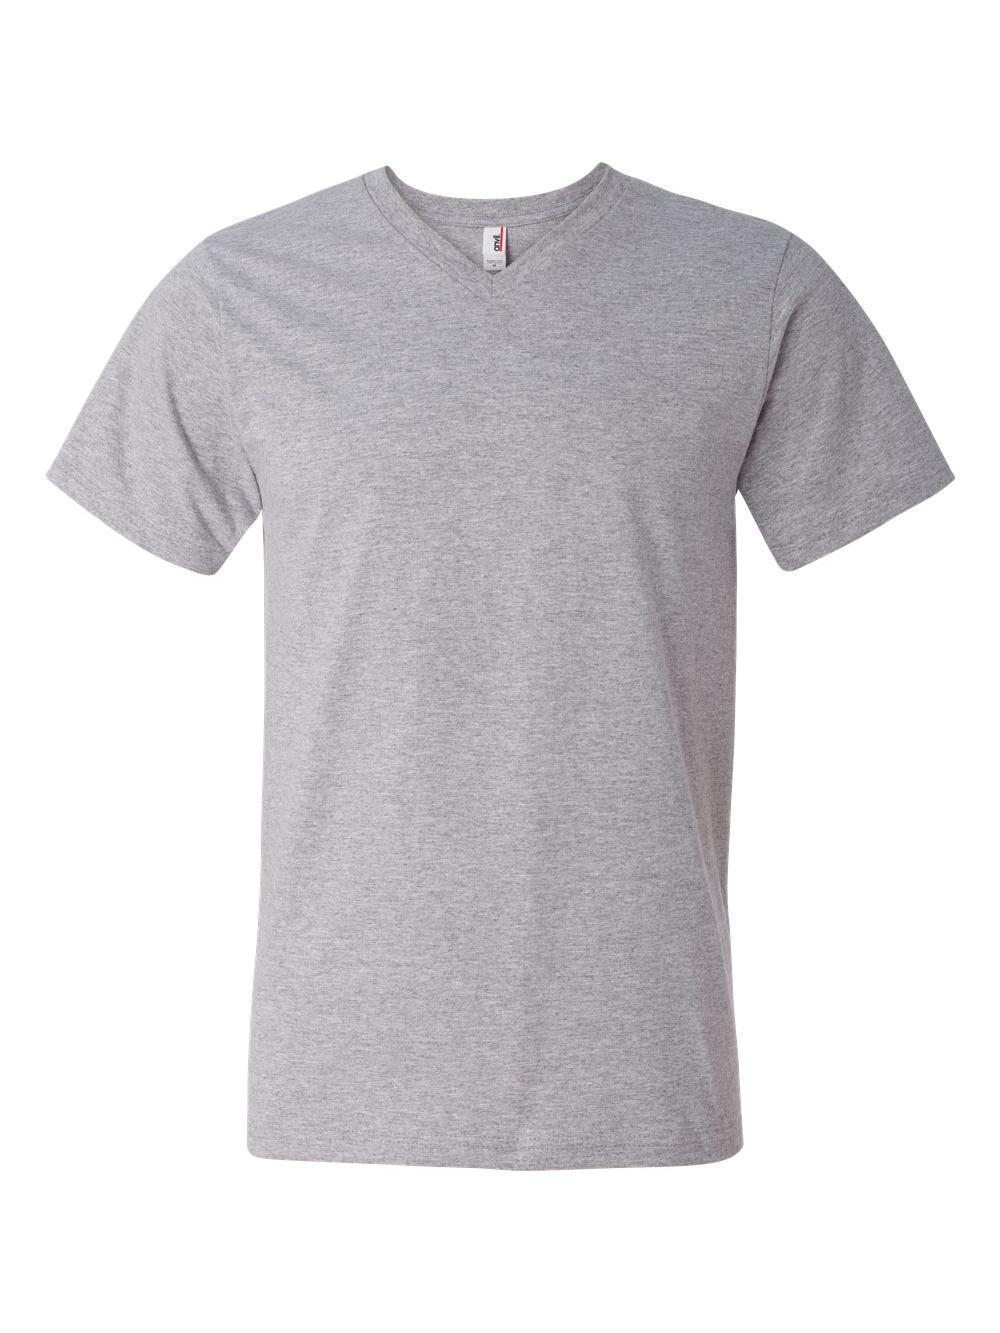 Anvil-Lightweight-Ringspun-V-Neck-T-Shirt-982 thumbnail 12